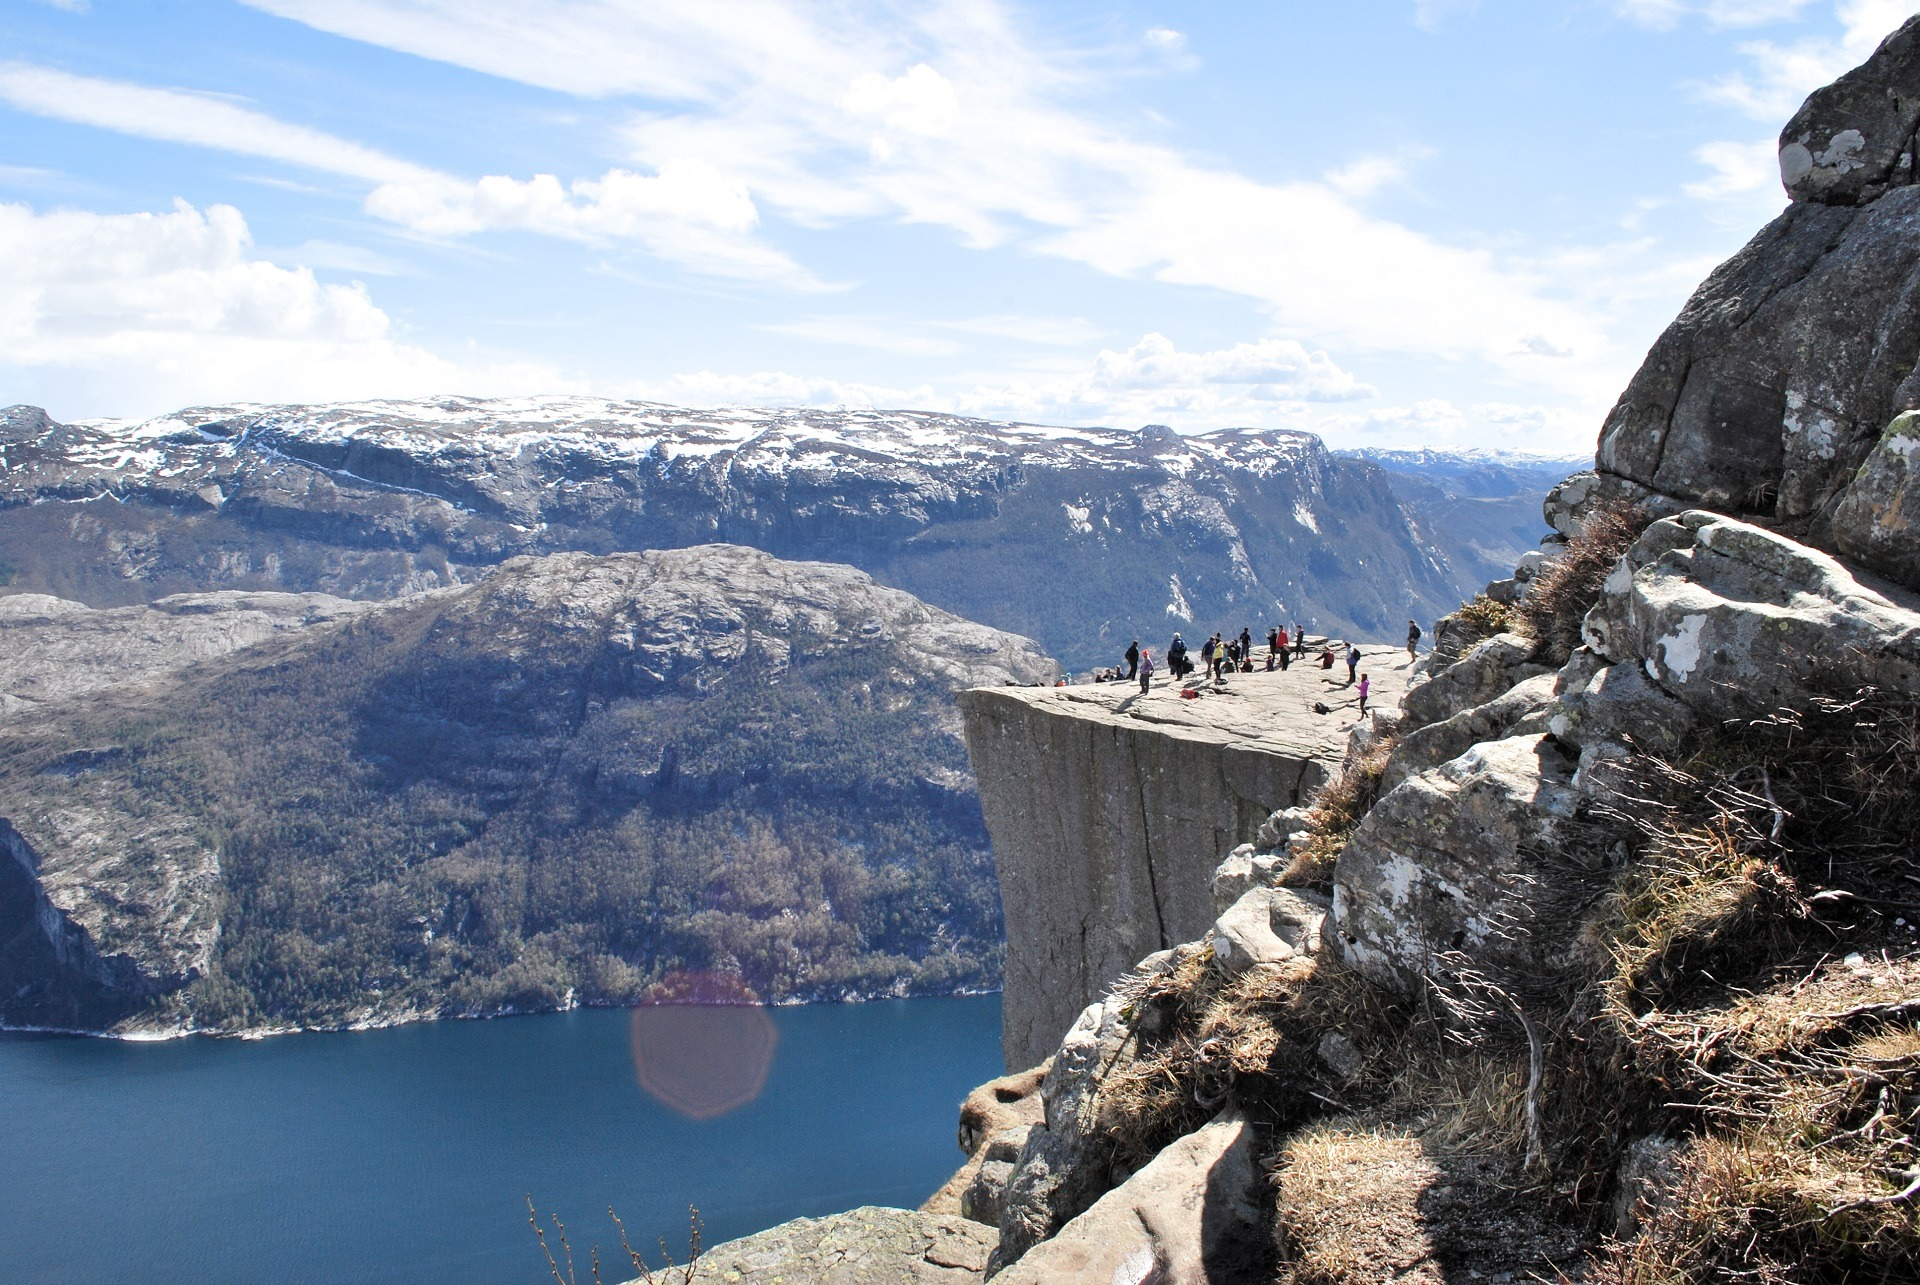 Eine Gruppe von Bergesteigern steht auf einem Plateau. Im Tal ist ein See zu sehen.